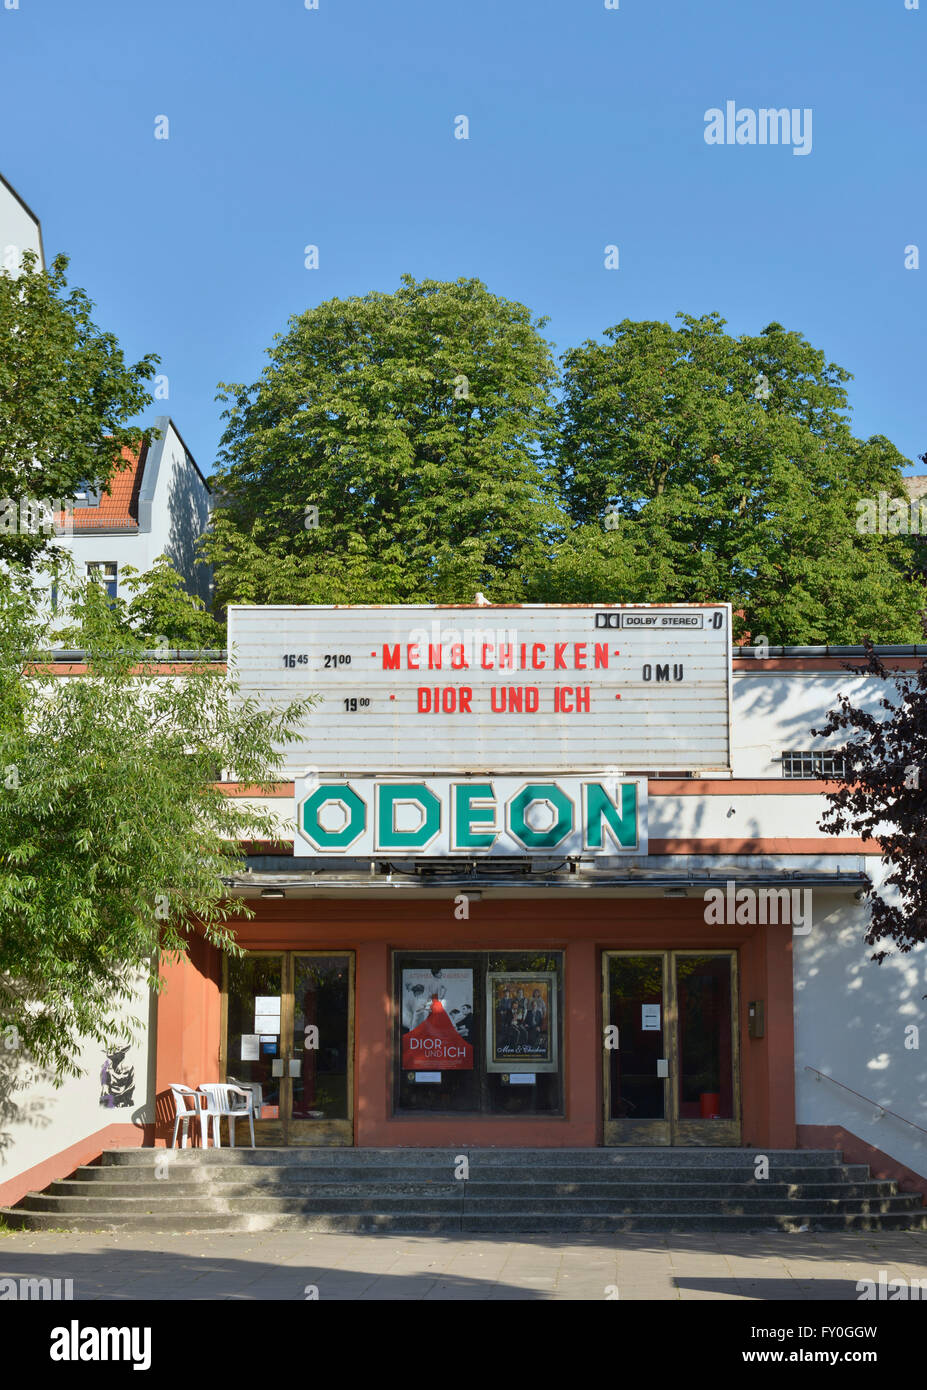 Wundervoll Baumarkt Berlin Schöneberg Referenz Von Odeon Kino, Hauptstrasse, Schoeneberg, Berlin, Deutschland -